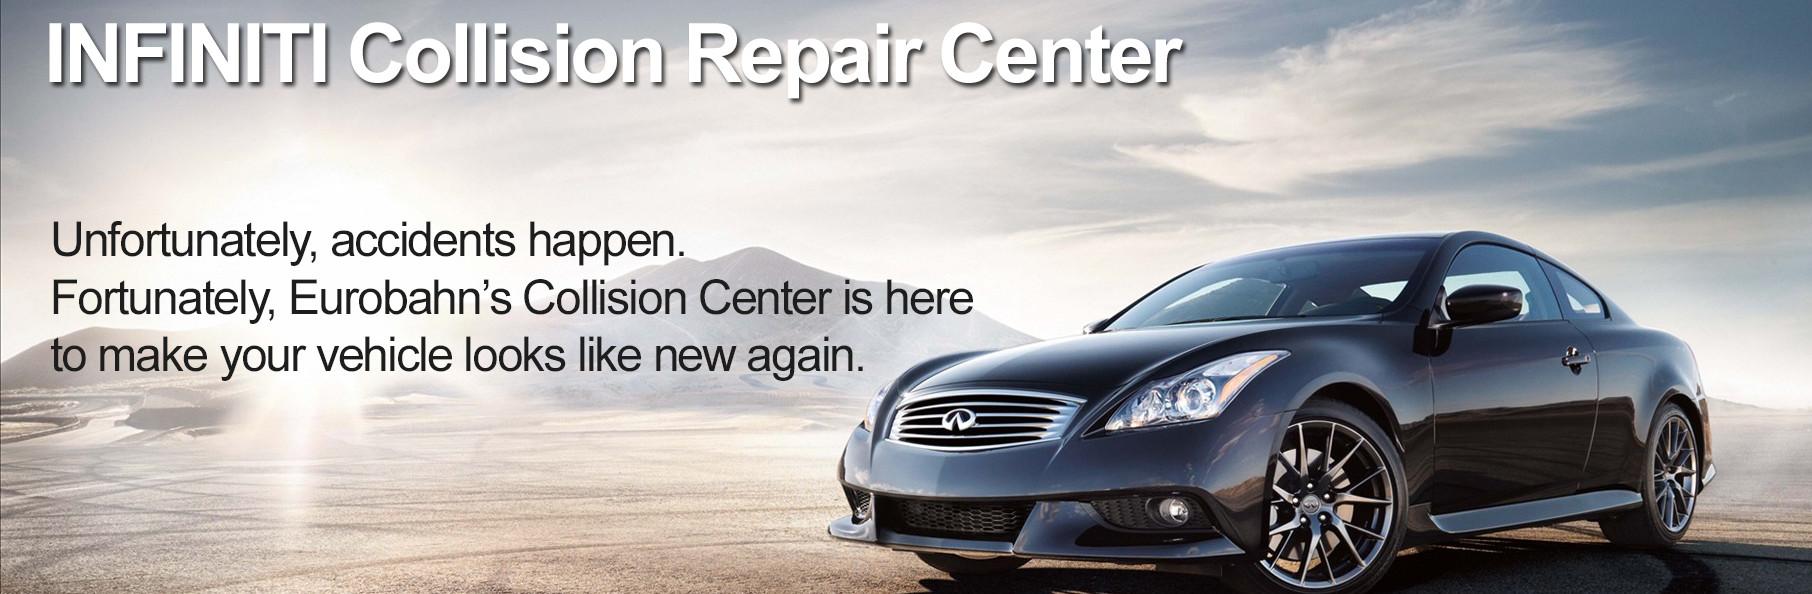 Infiniti body shop greensboro collision repair service for Mercedes benz of greensboro greensboro nc